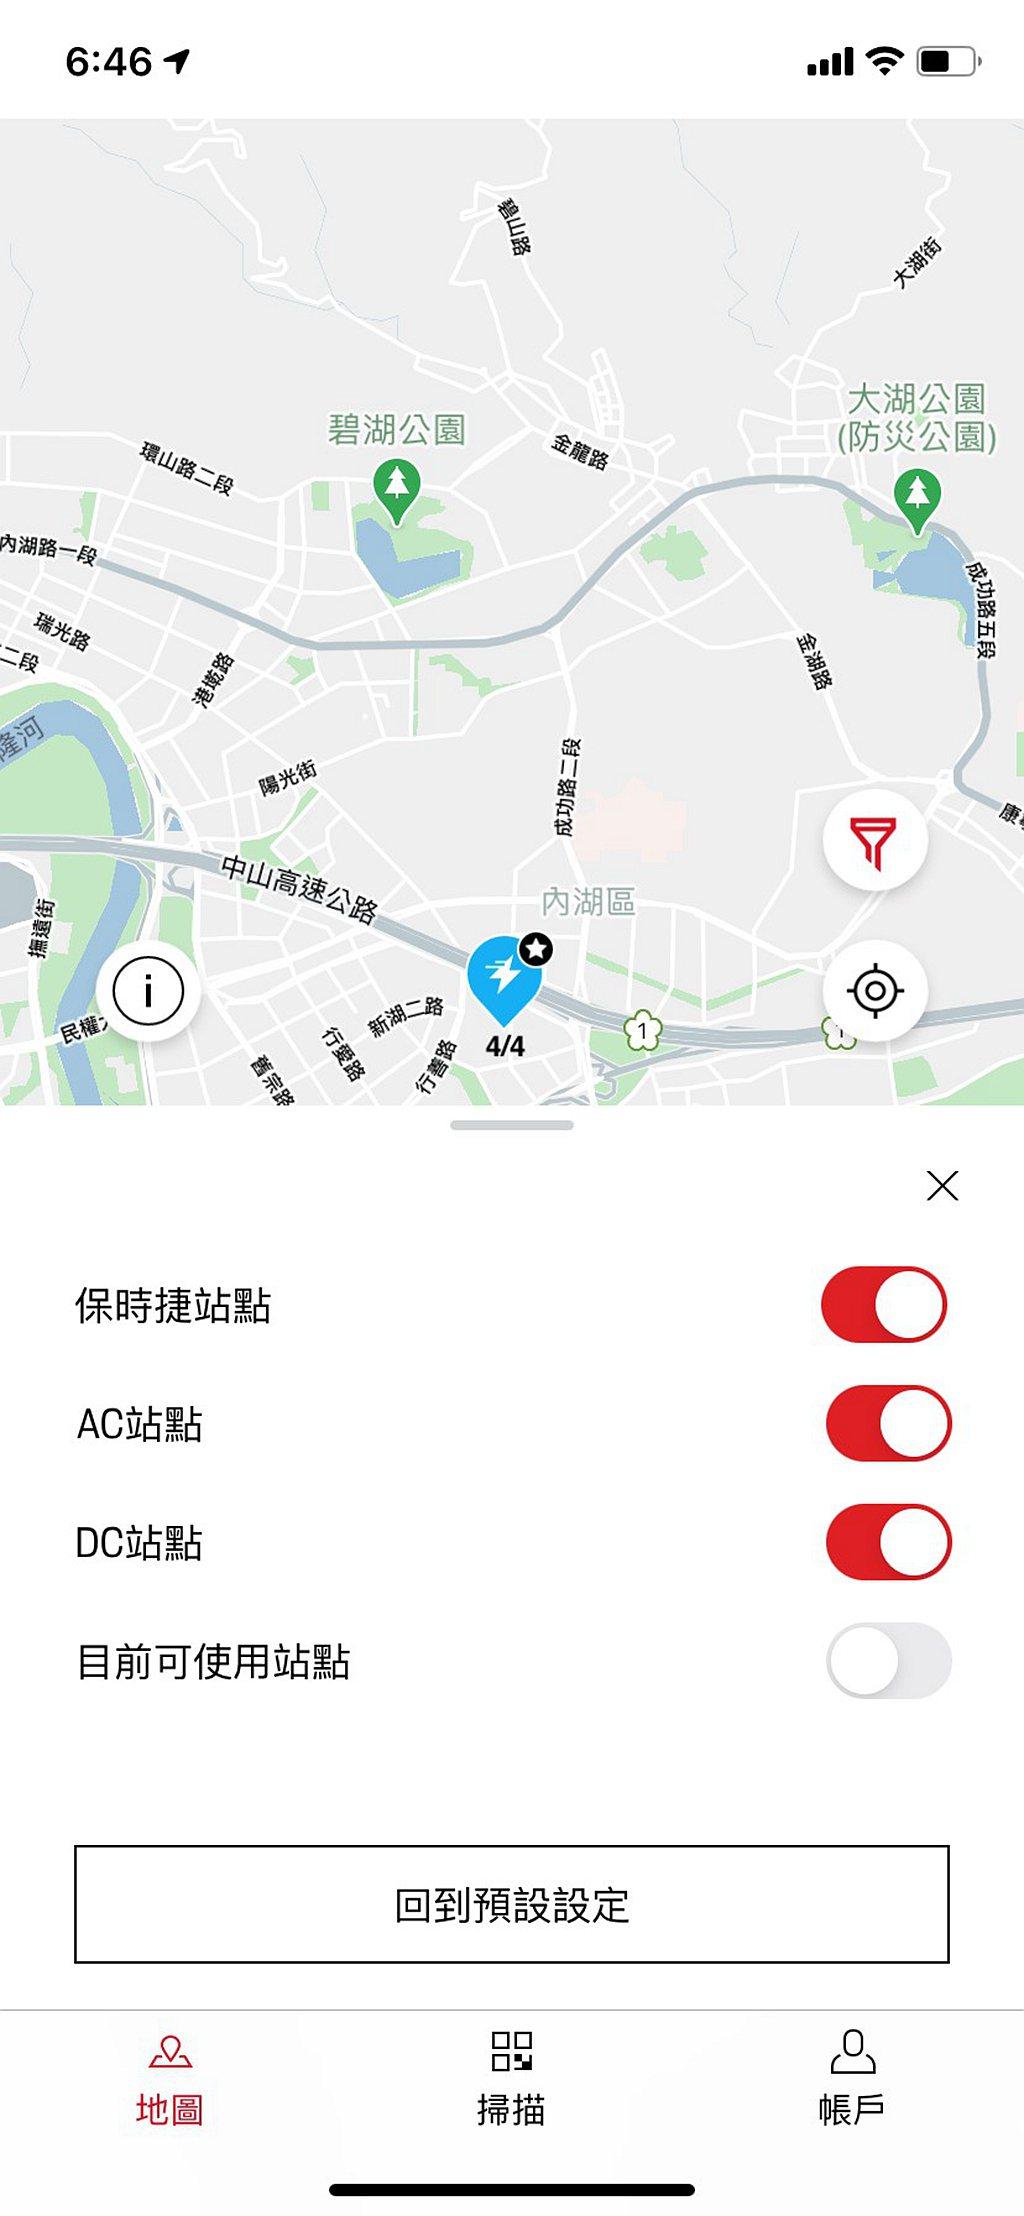 尊榮會員更能使用App提前預訂(保留15分鐘),確保抵達時有充電樁能立即使用,其...